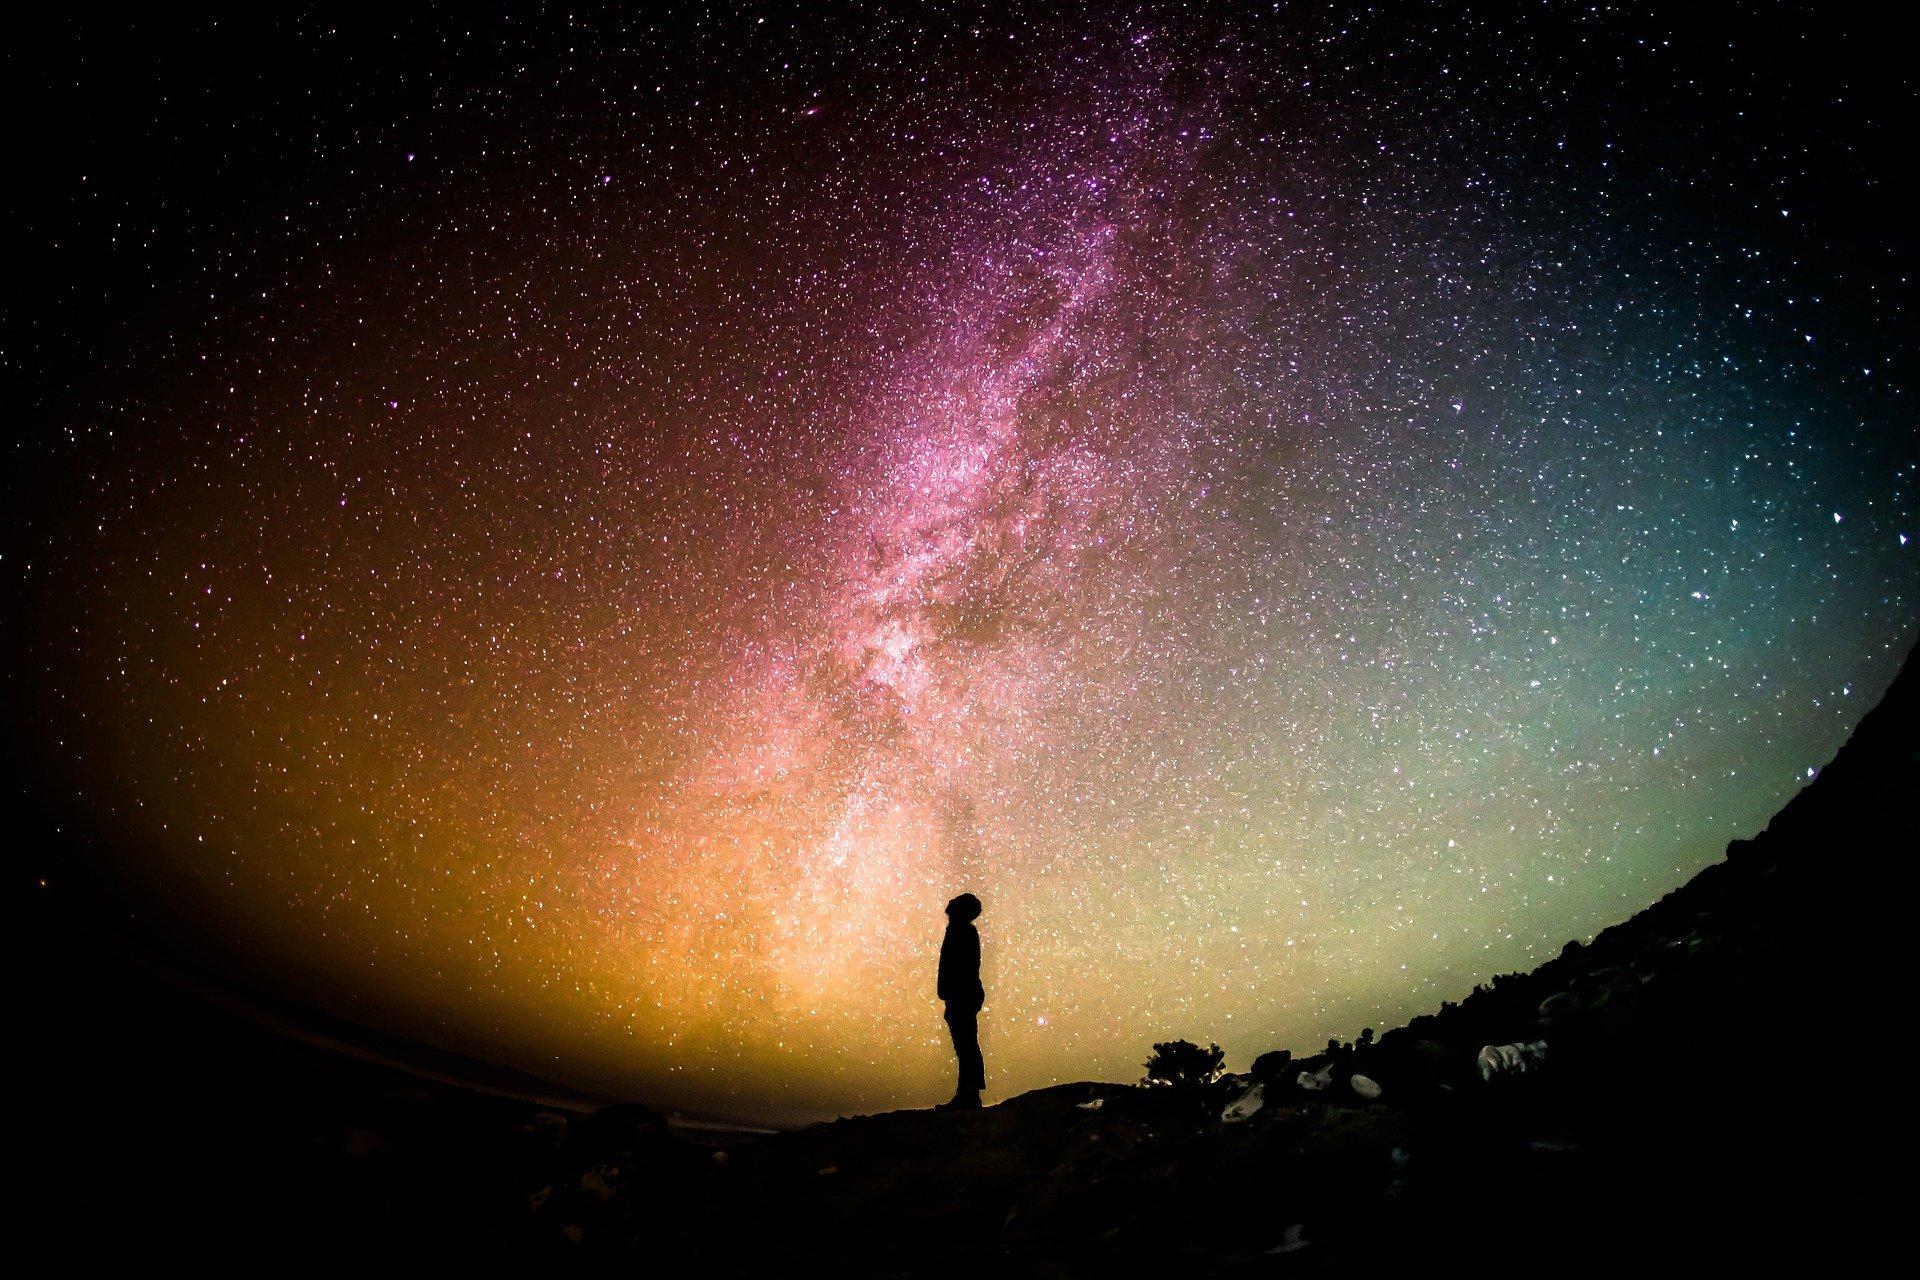 Εκλειψη Σελήνης στους Διδύμους σε συνοδεία λαμπερών άστρων